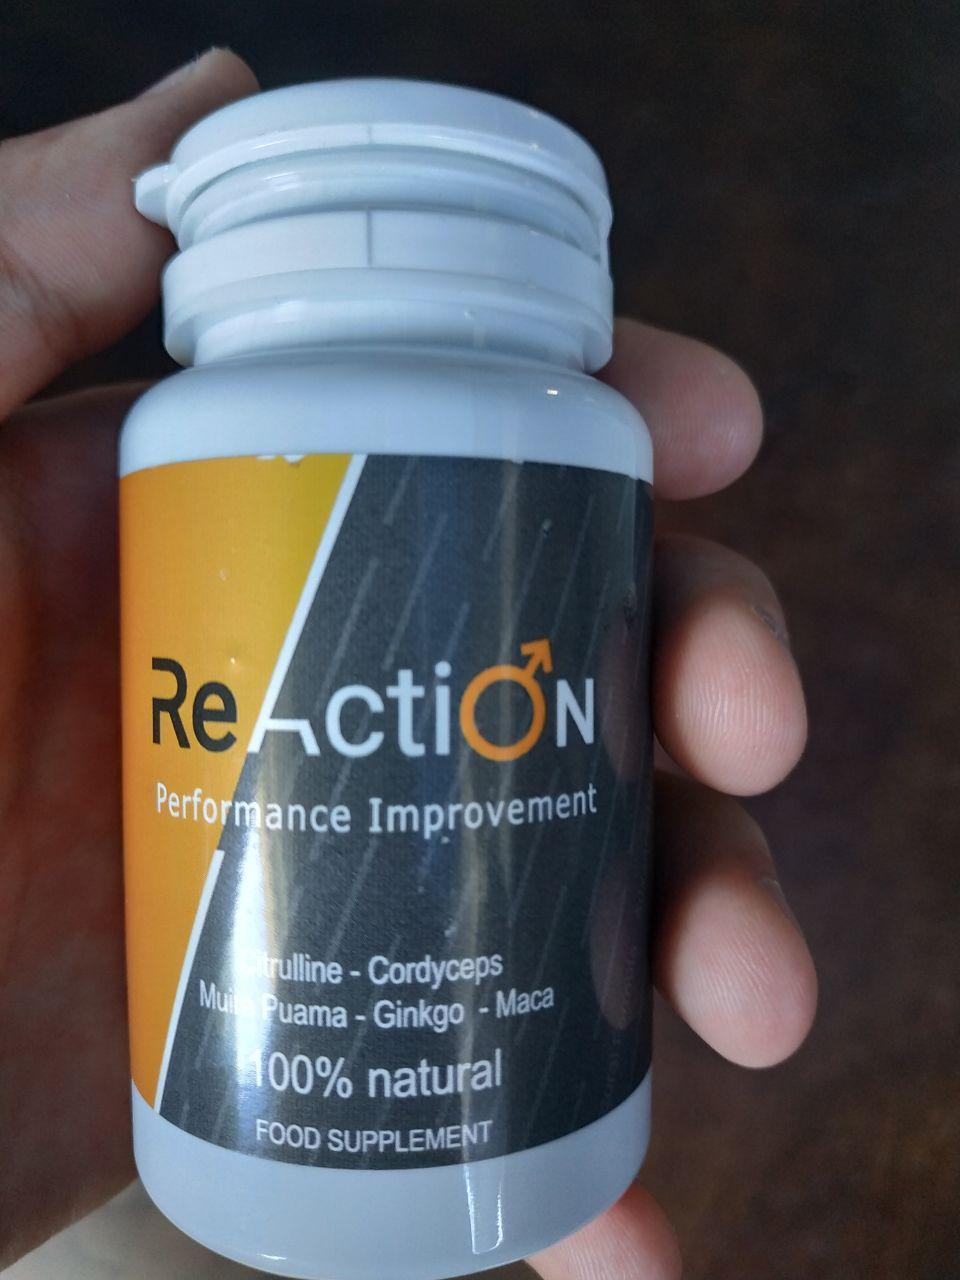 hogyan lehet helyreállítani az erekciót tabletták nélkül)